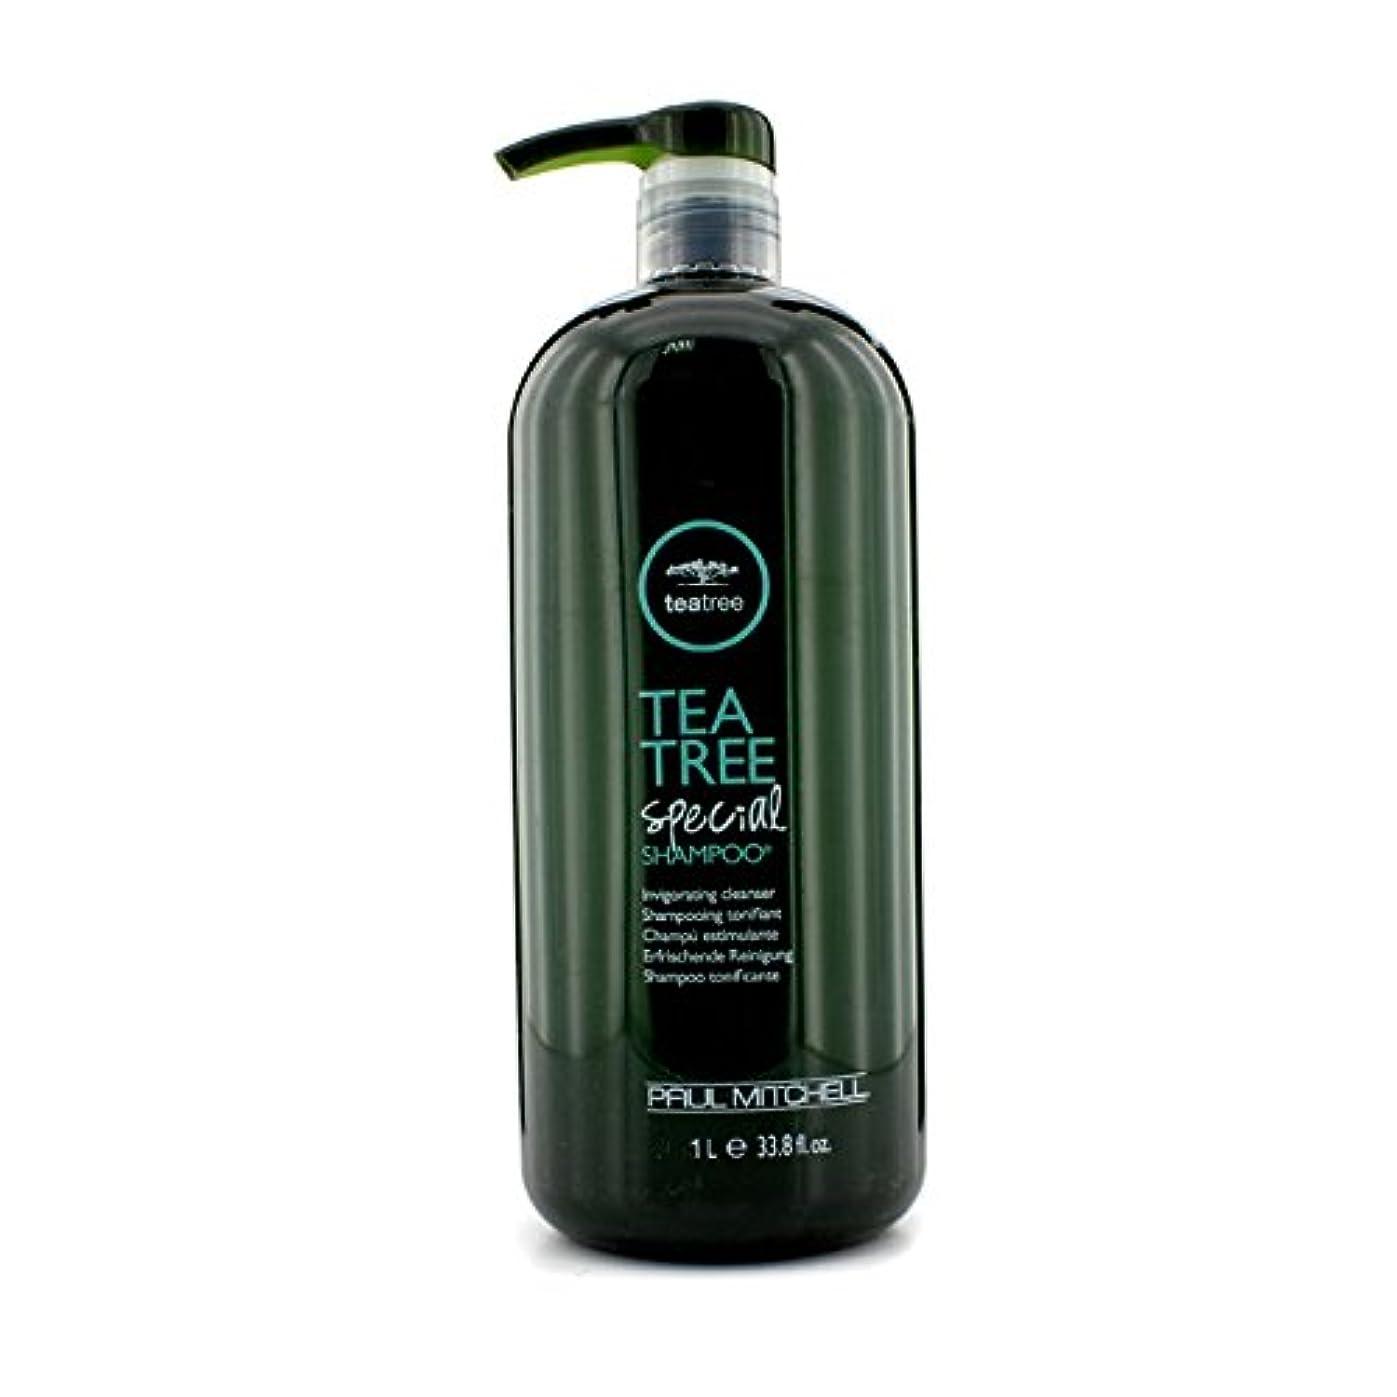 子孫衝撃乗り出すポール ミッチェル Tea Tree Special Shampoo 1000ml/33.8oz並行輸入品